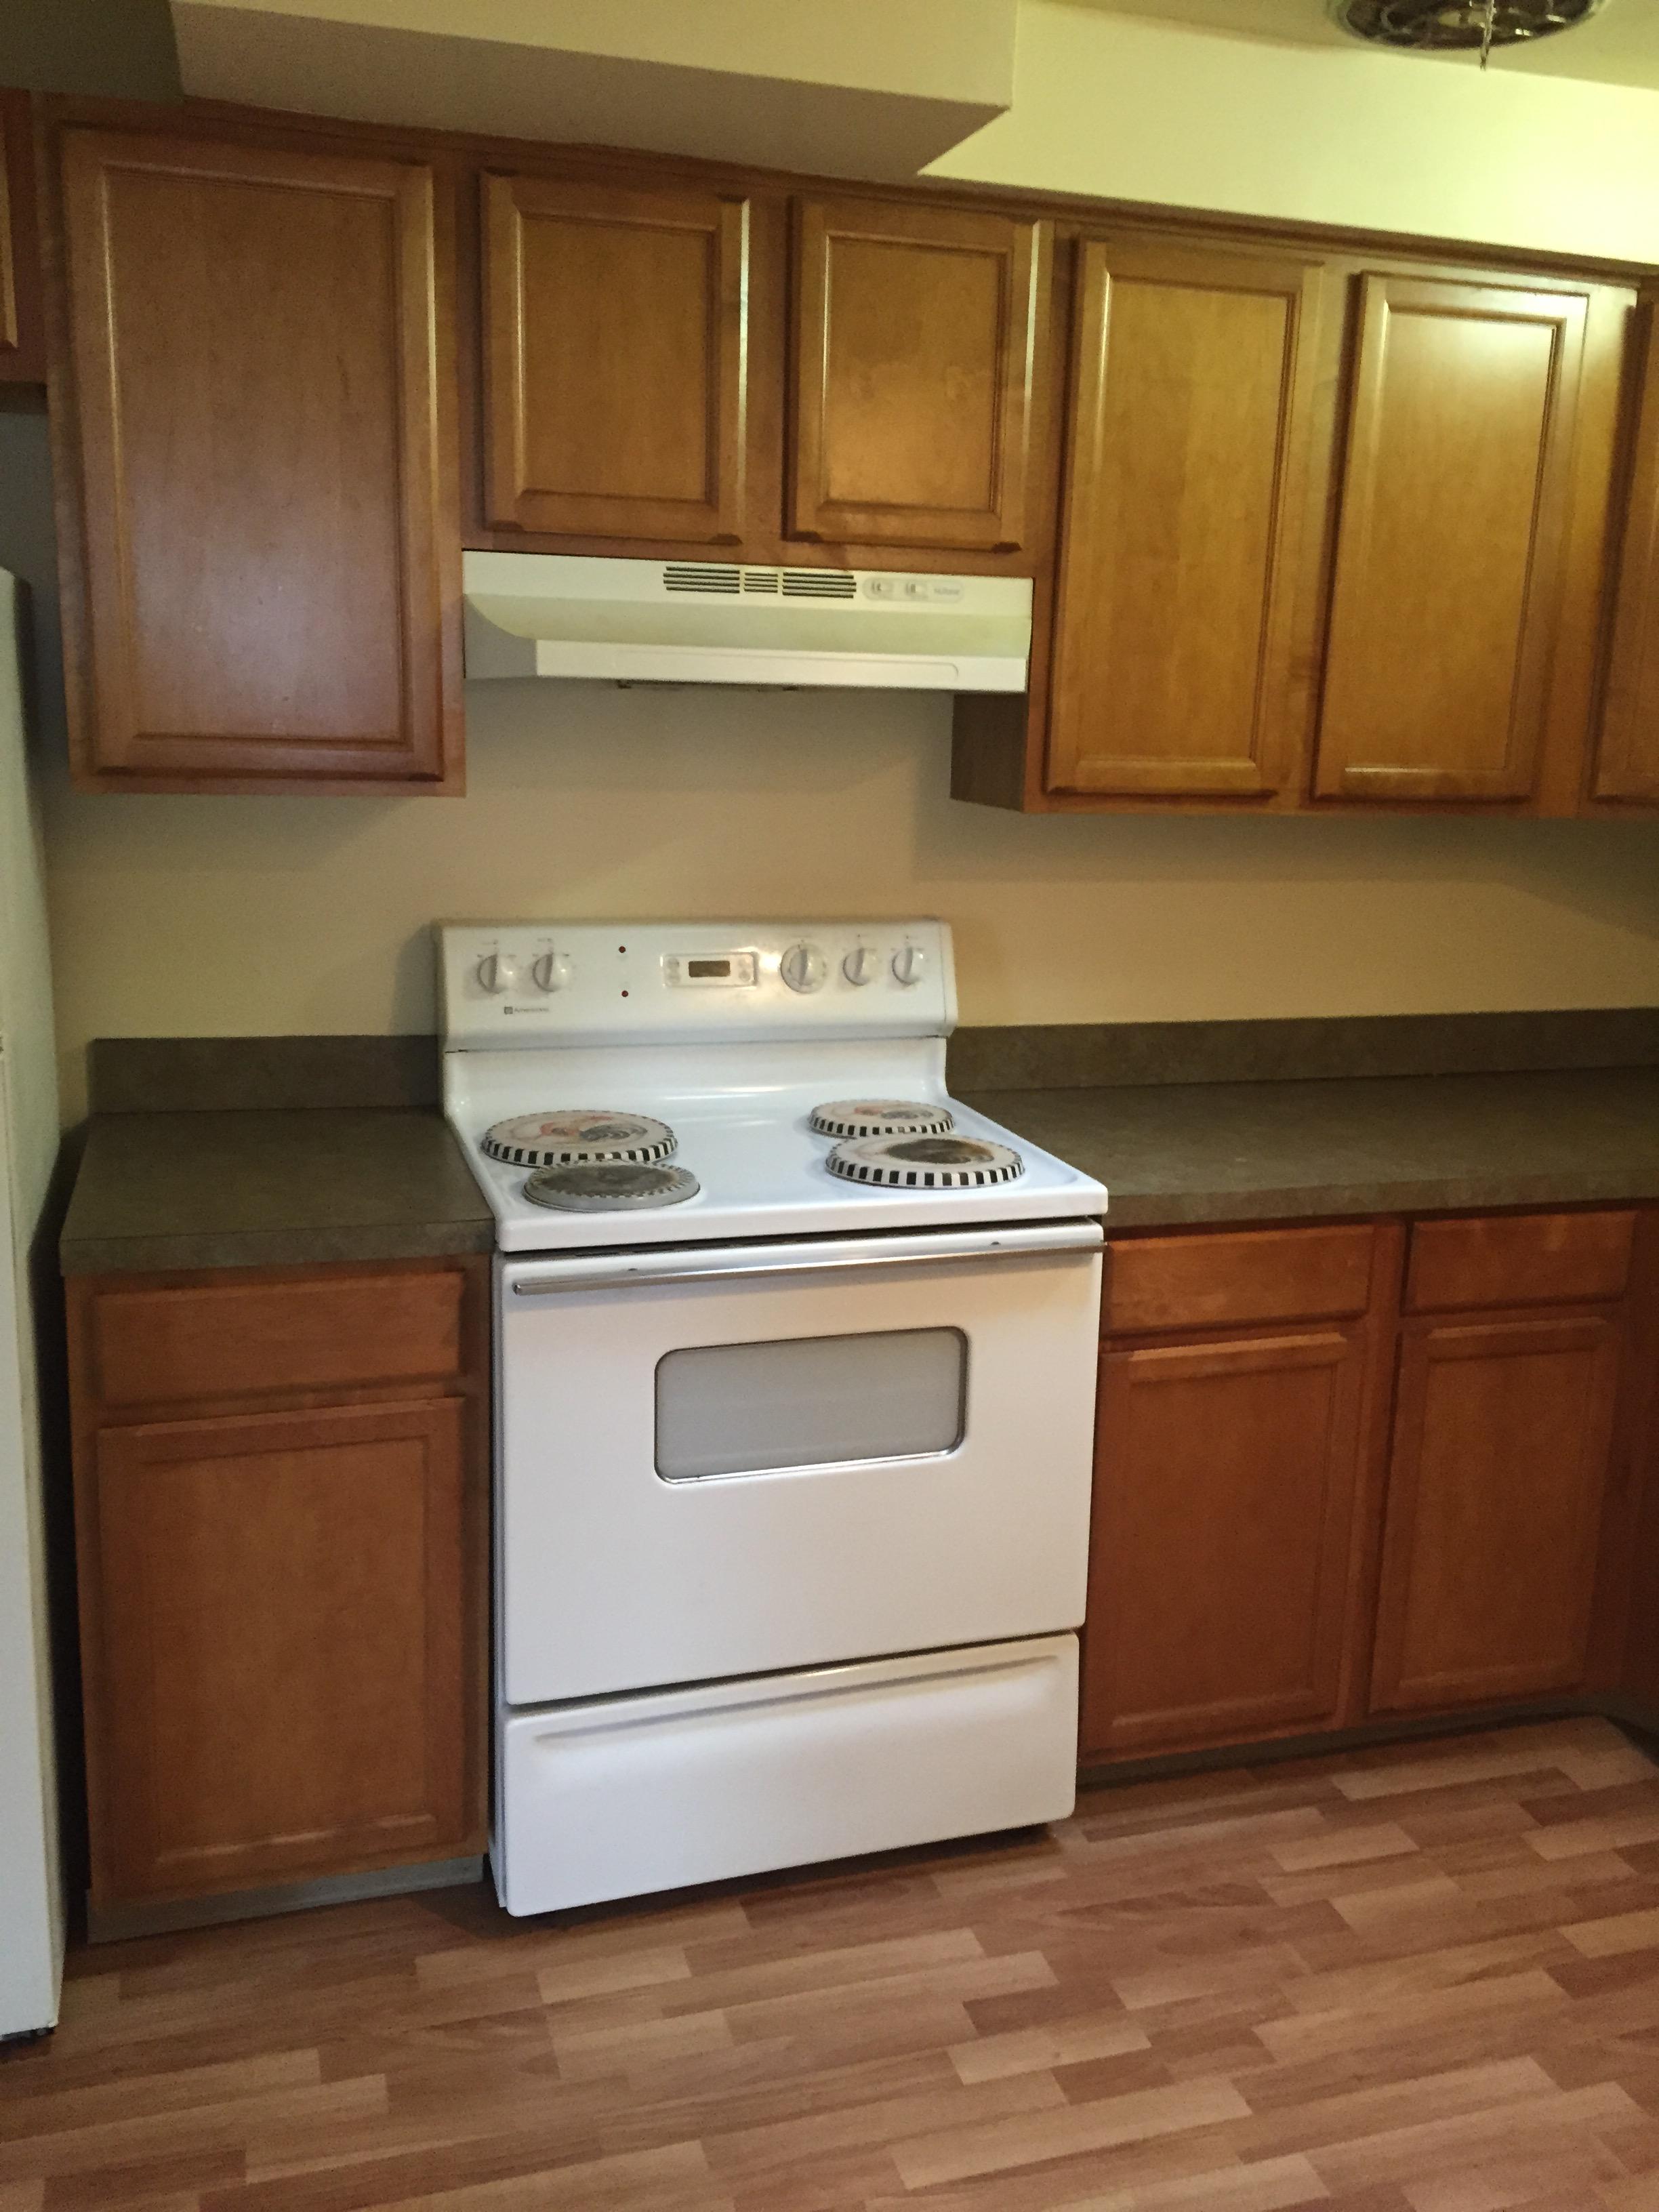 4440-4442 State Kitchen Stove